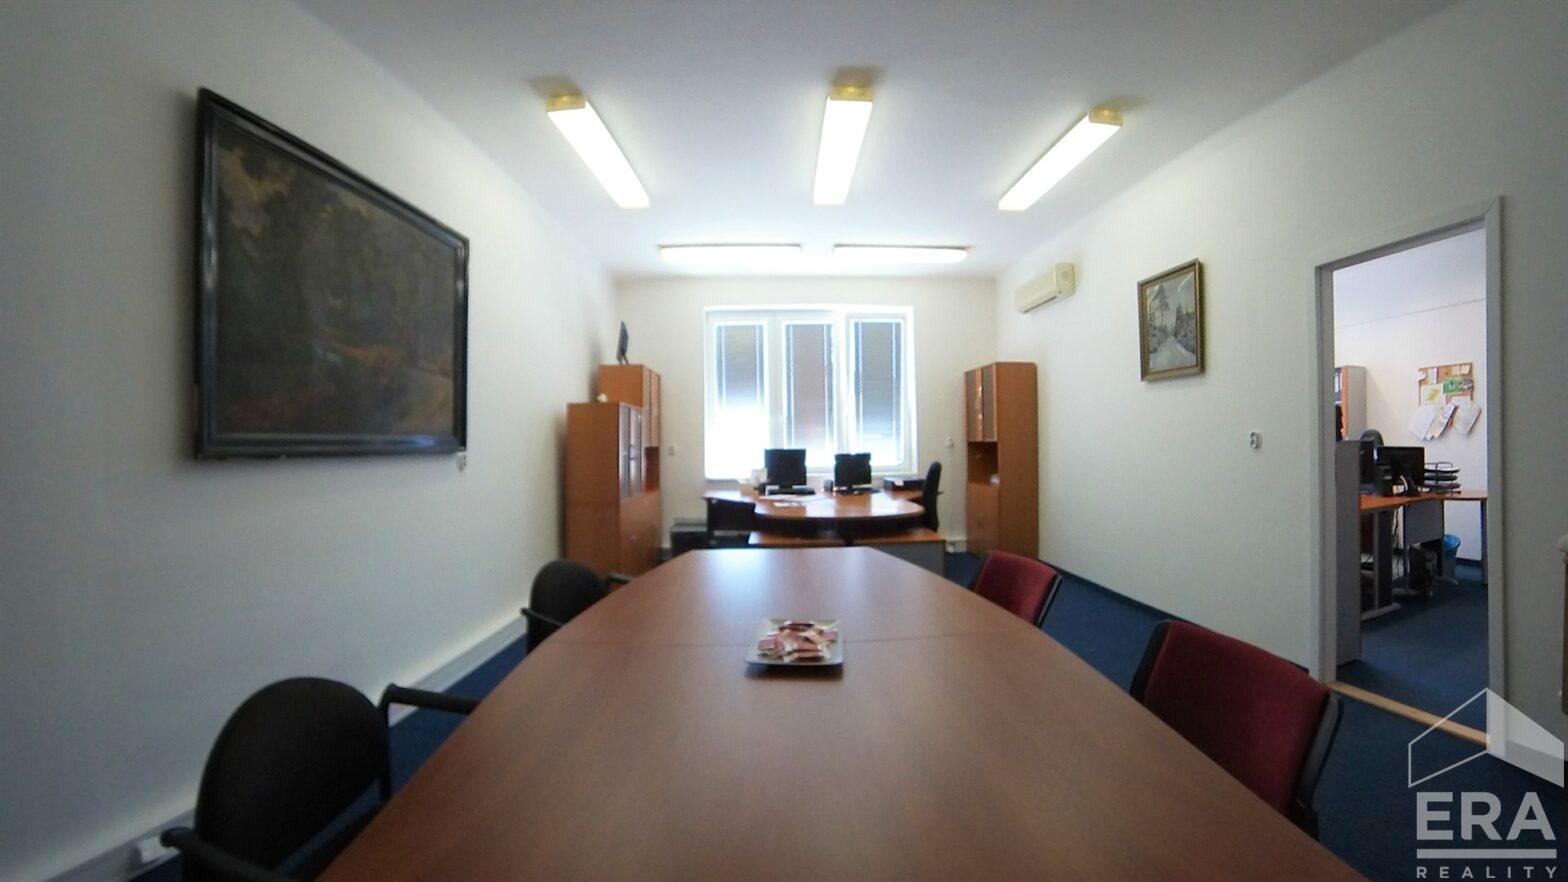 Pronájem kanceláří, 123 m2, ul. Velflíkova 10, Praha 6